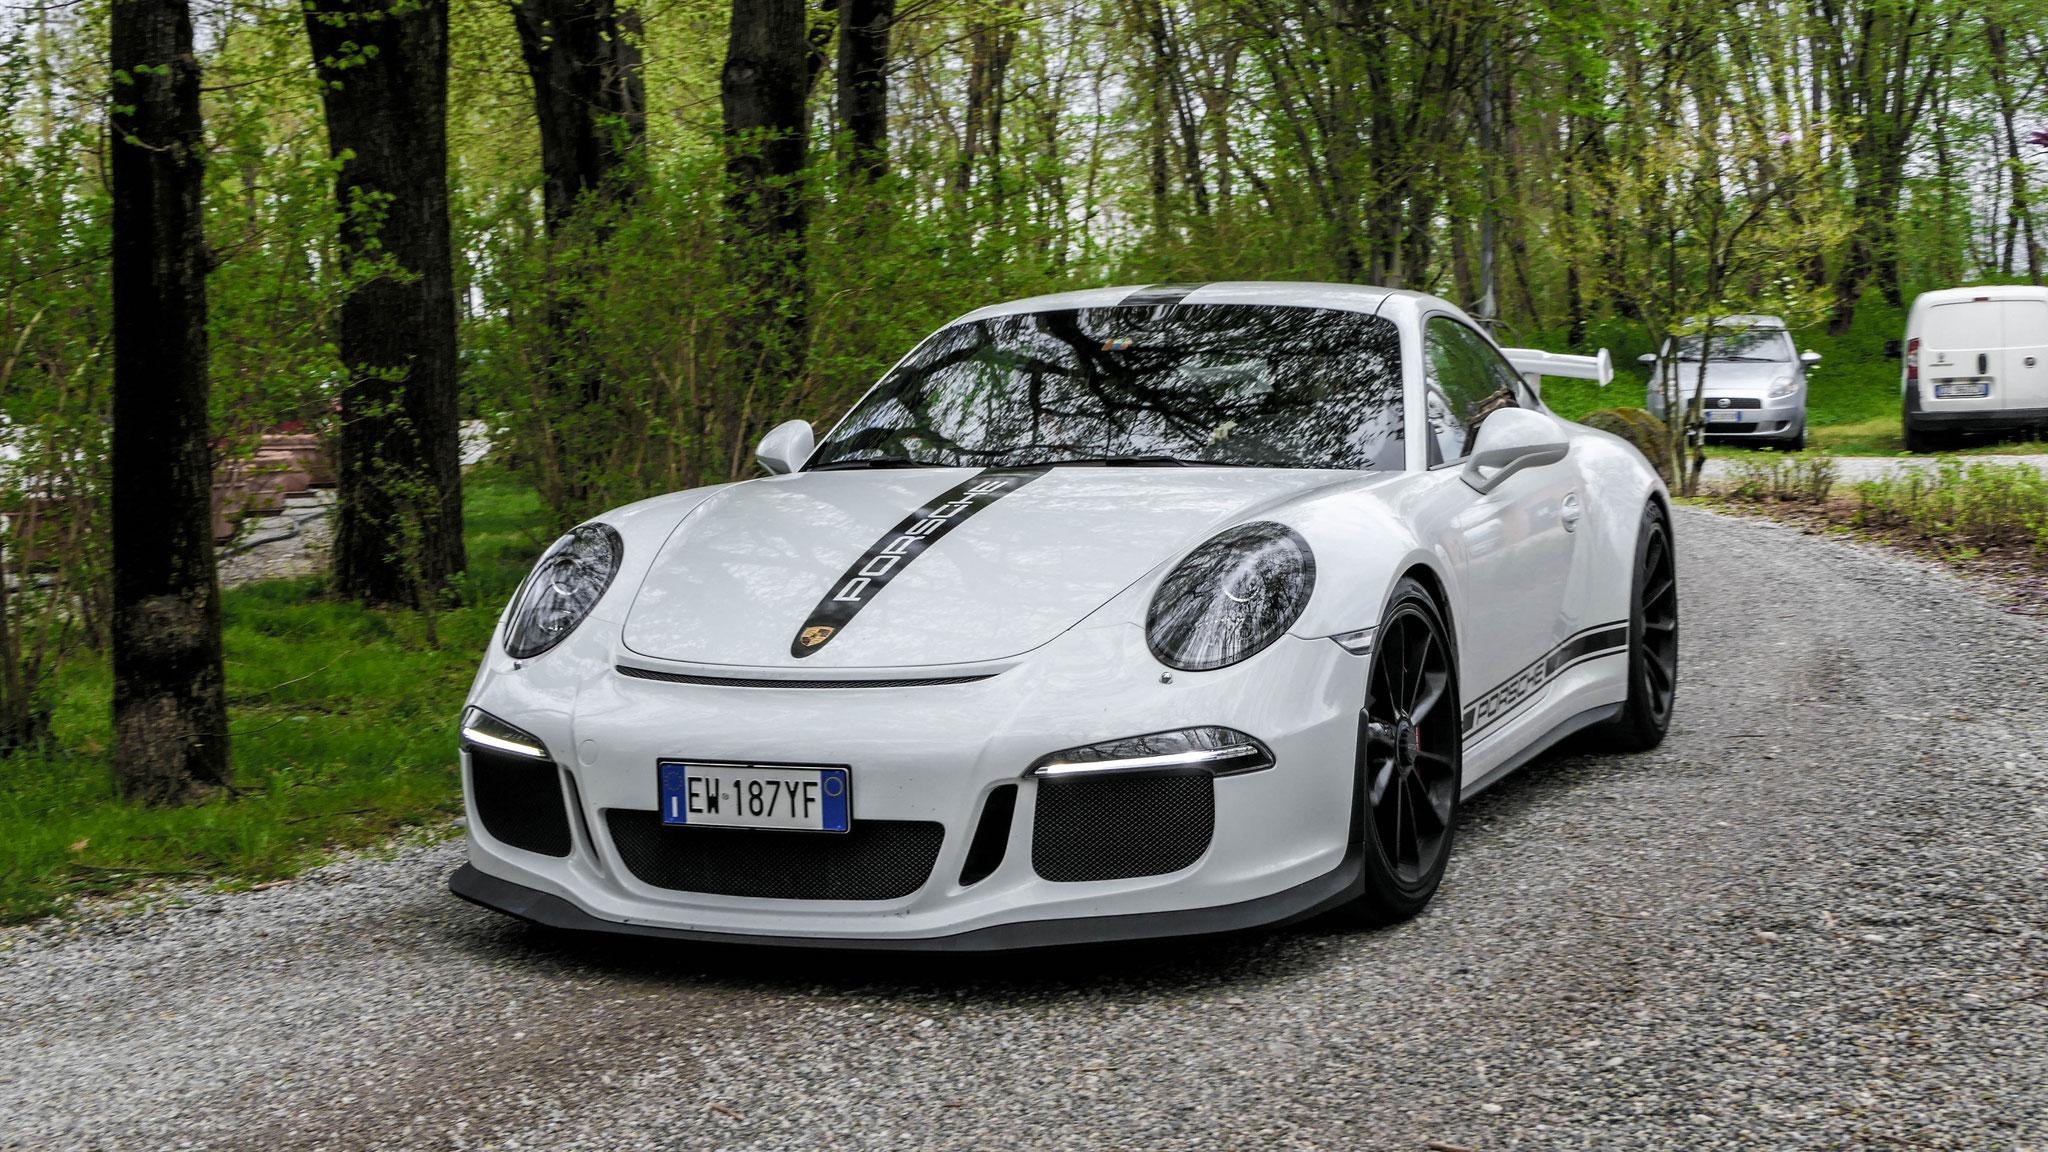 Porsche 991 GT3 - EW-187-YF (ITA)